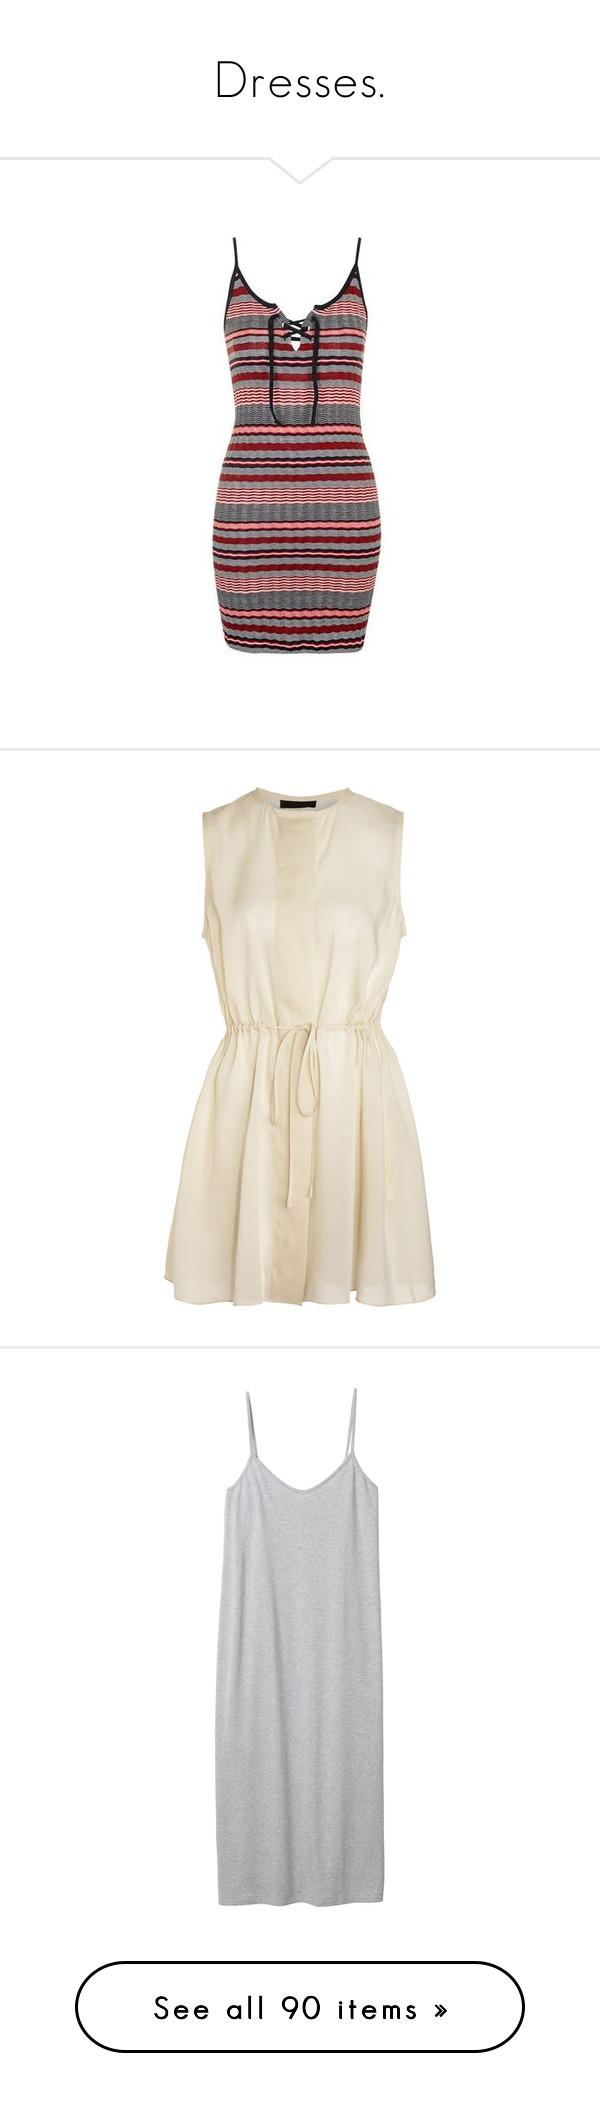 Dresses.\